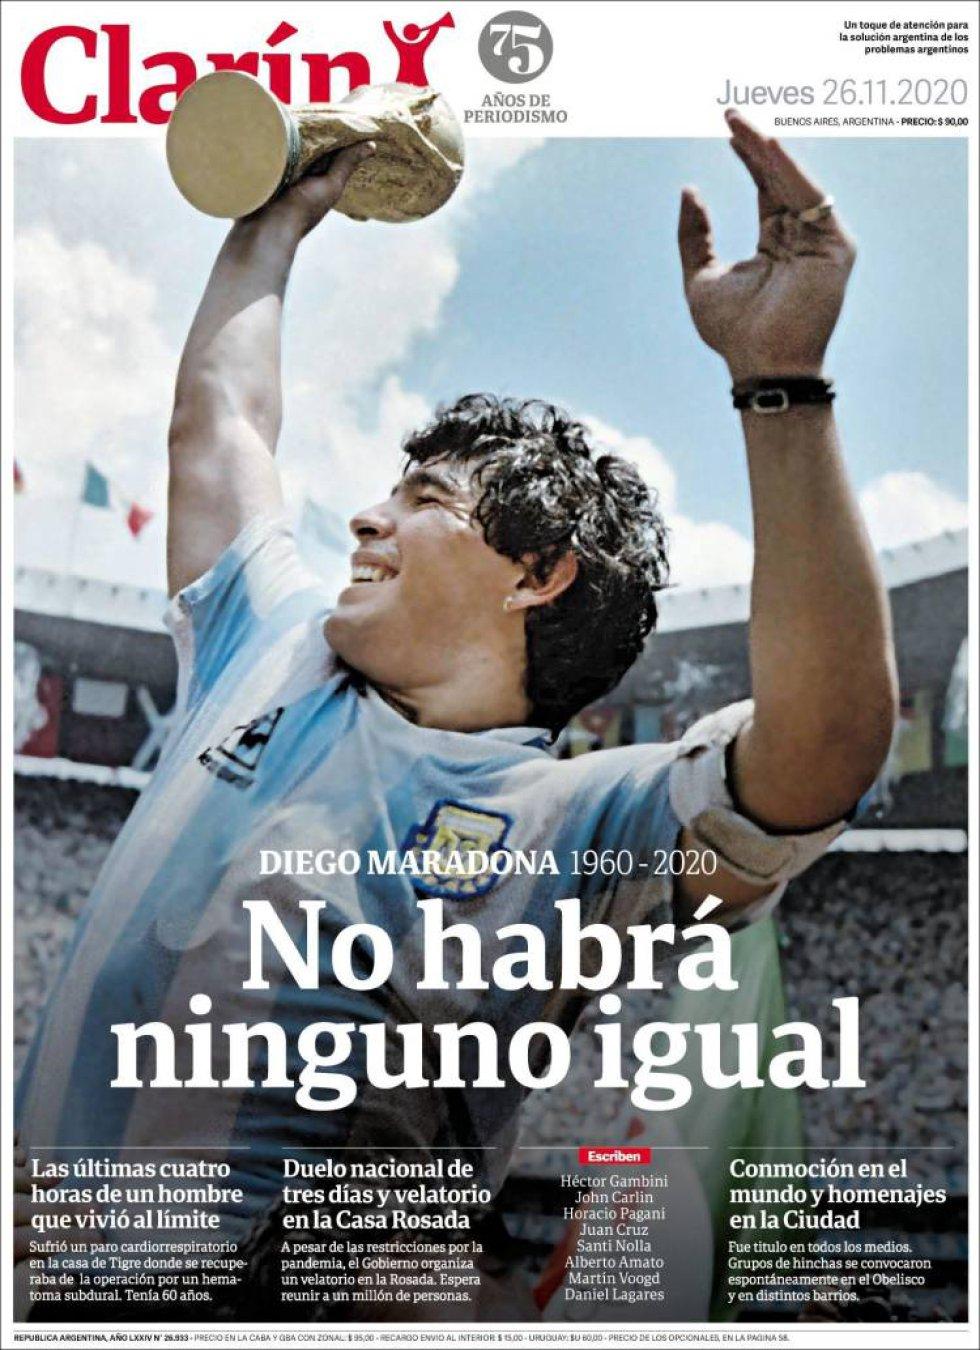 'No habrá ninguno igual', dice el diario argentino 'Clarín'